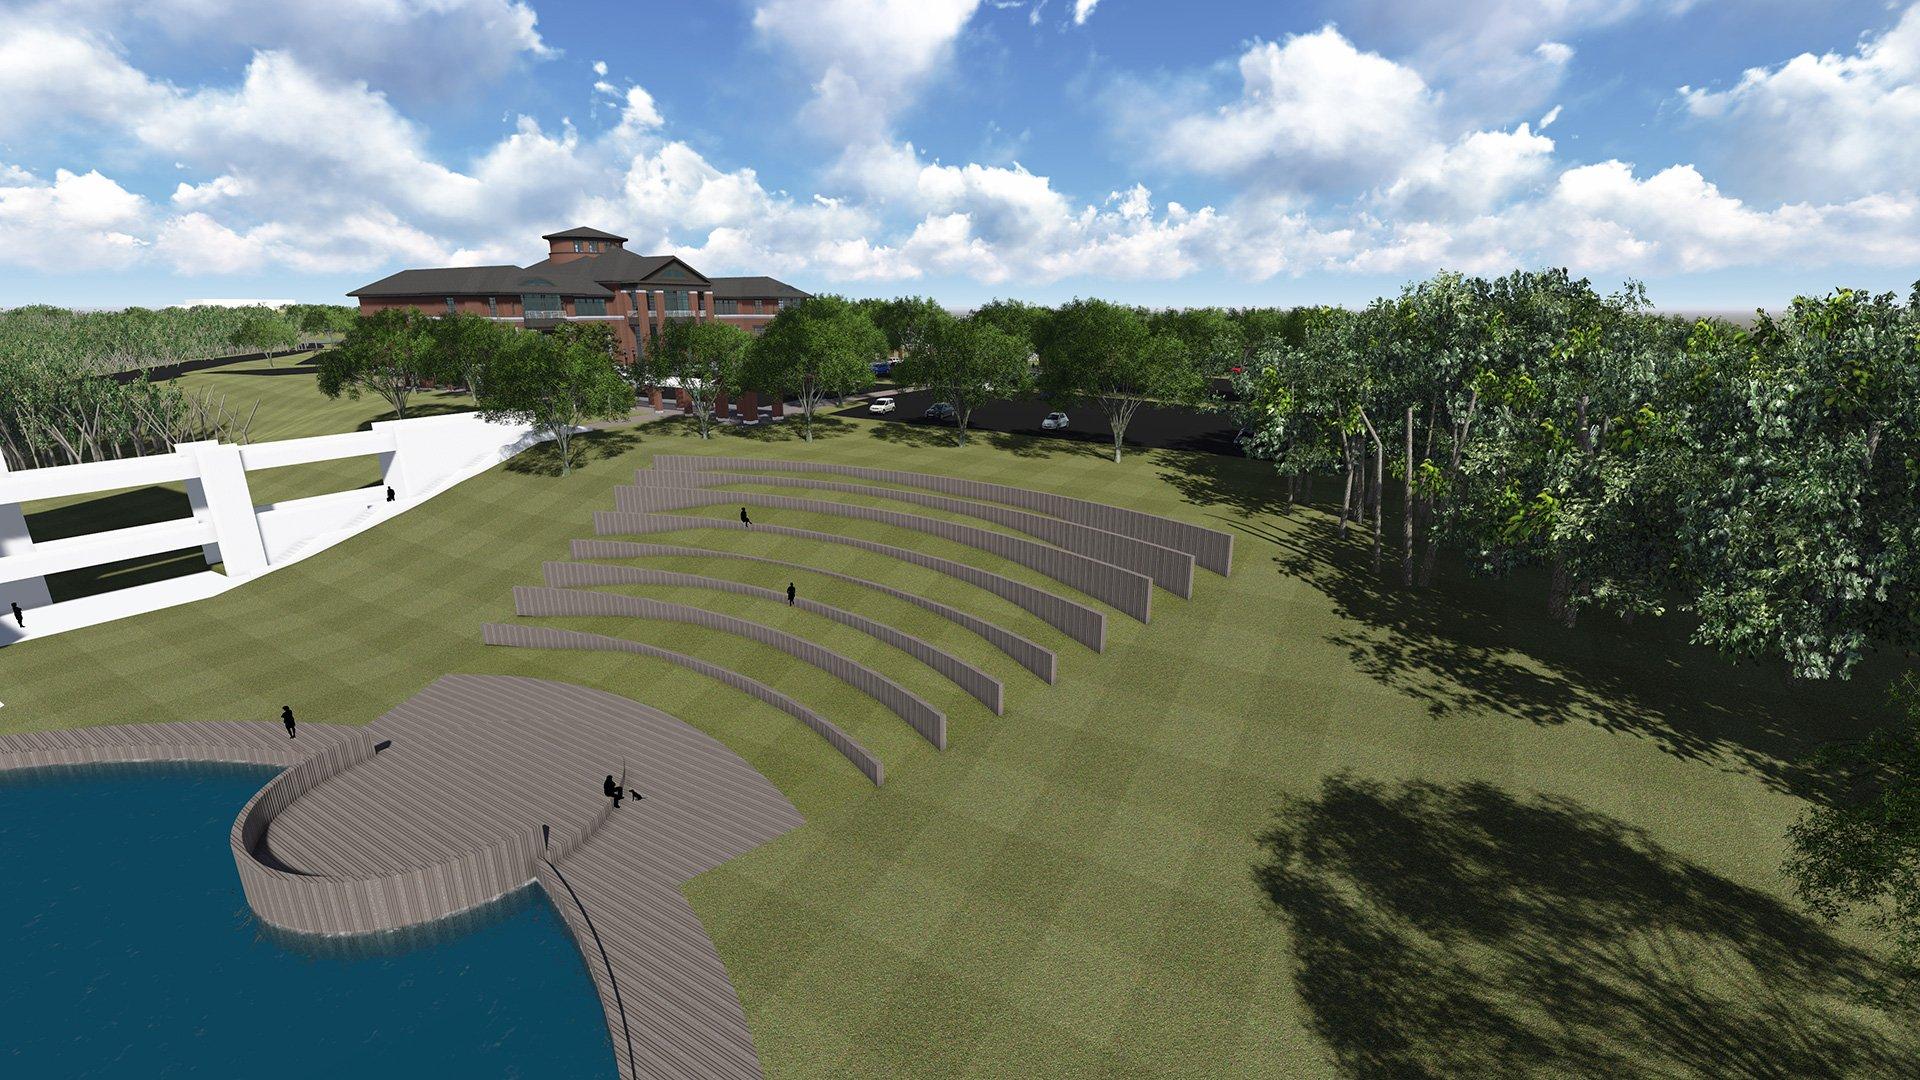 FDTC Amphitheatre rendering